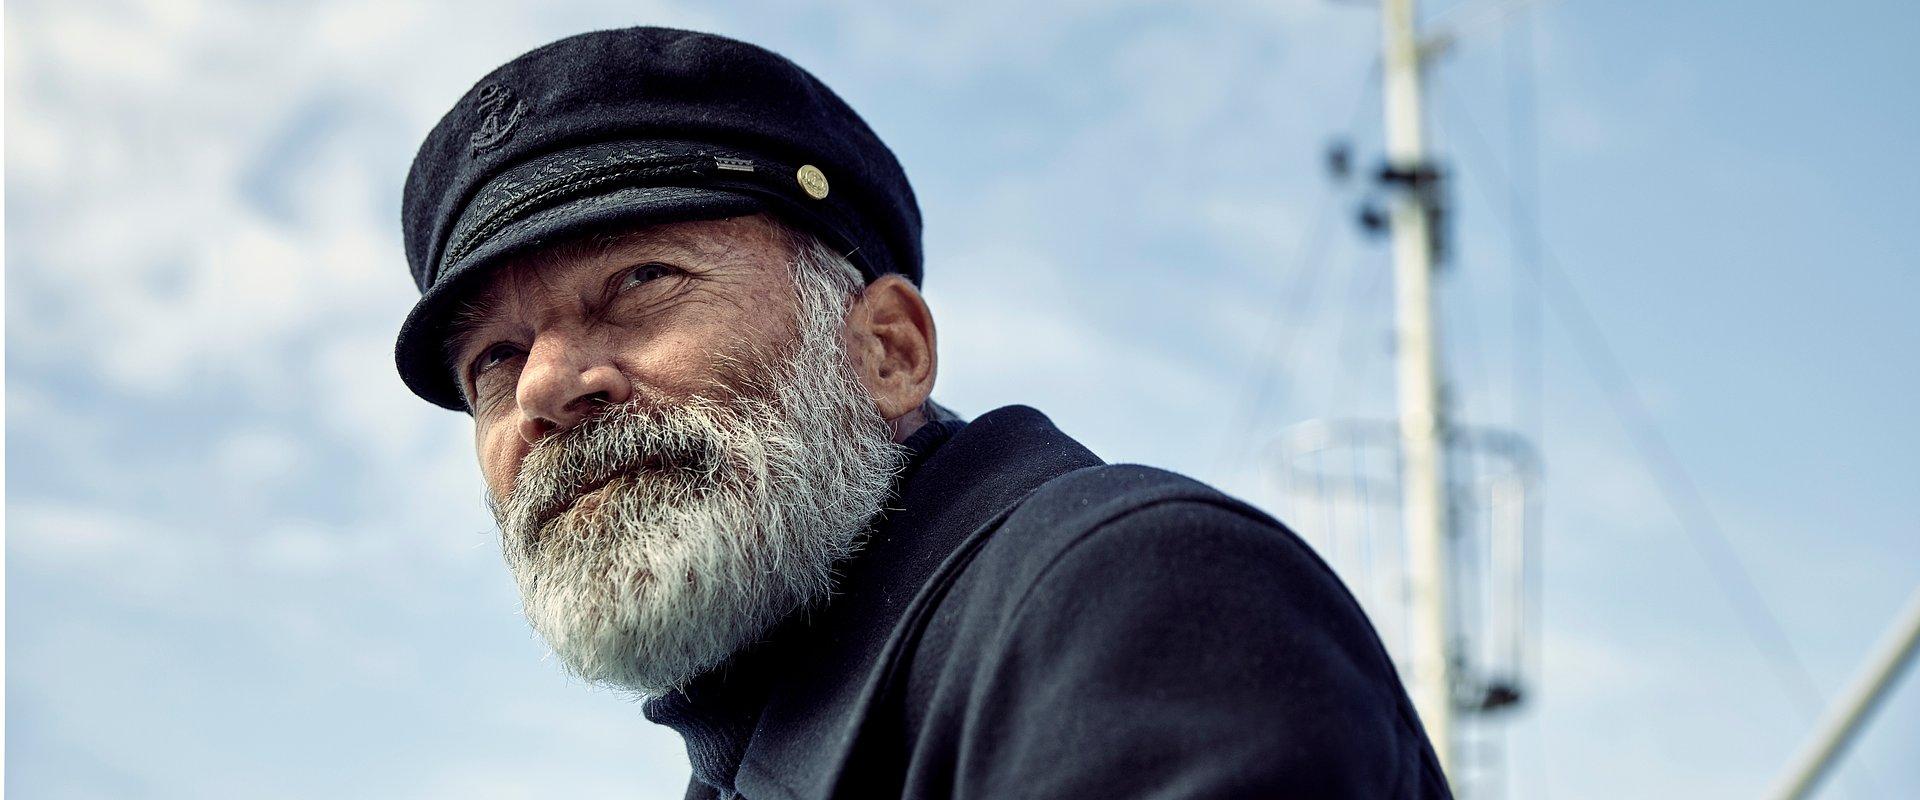 O novo Capitão Iglo chega a Portugal